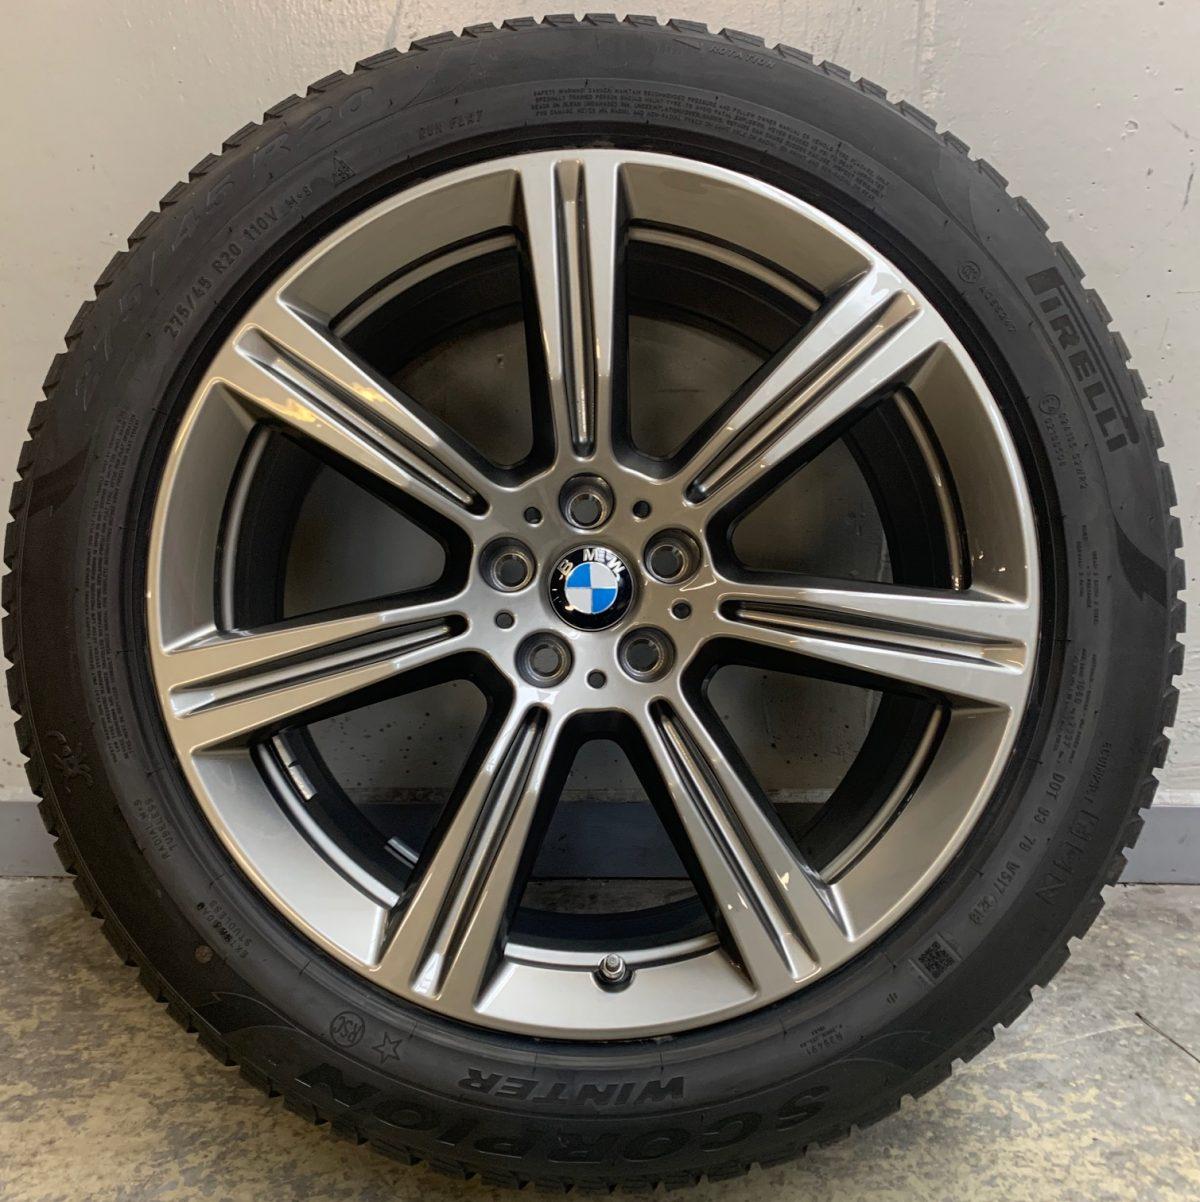 Gyári alufelni BMW X5-X6 G05-G06 (736styl) 9,5X20 új téligarnitúra! Pirelli defekttűrő gumikkal 1